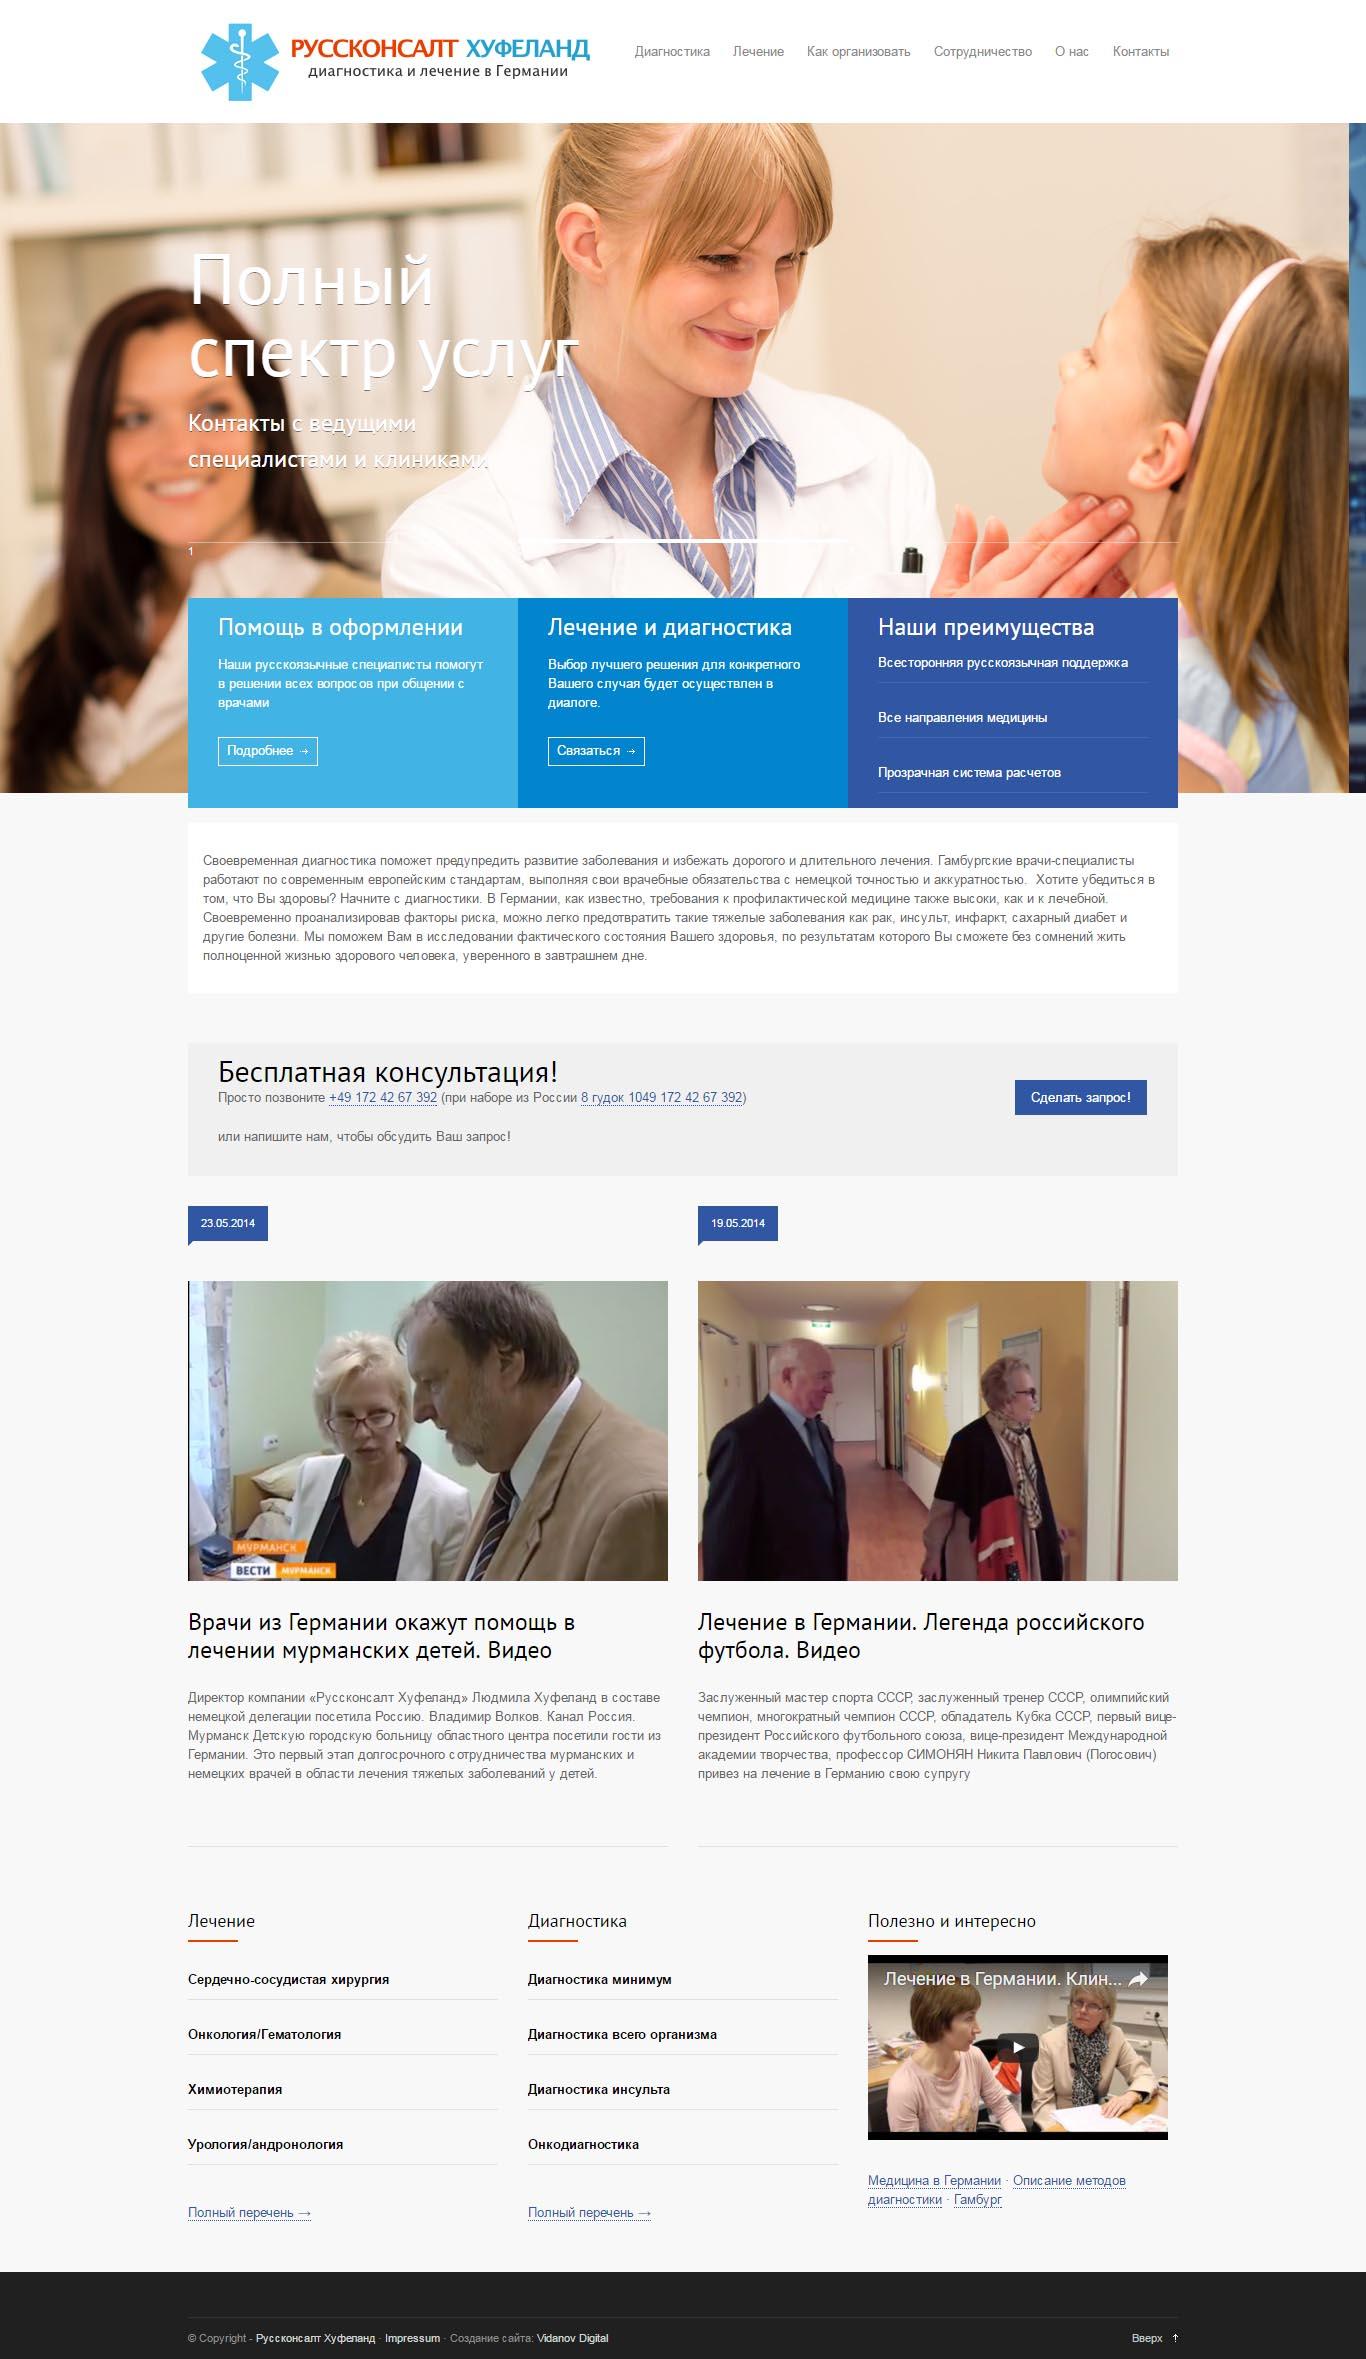 «Руссконсалт Хуфеланд» — диагностика и лечение в Германии